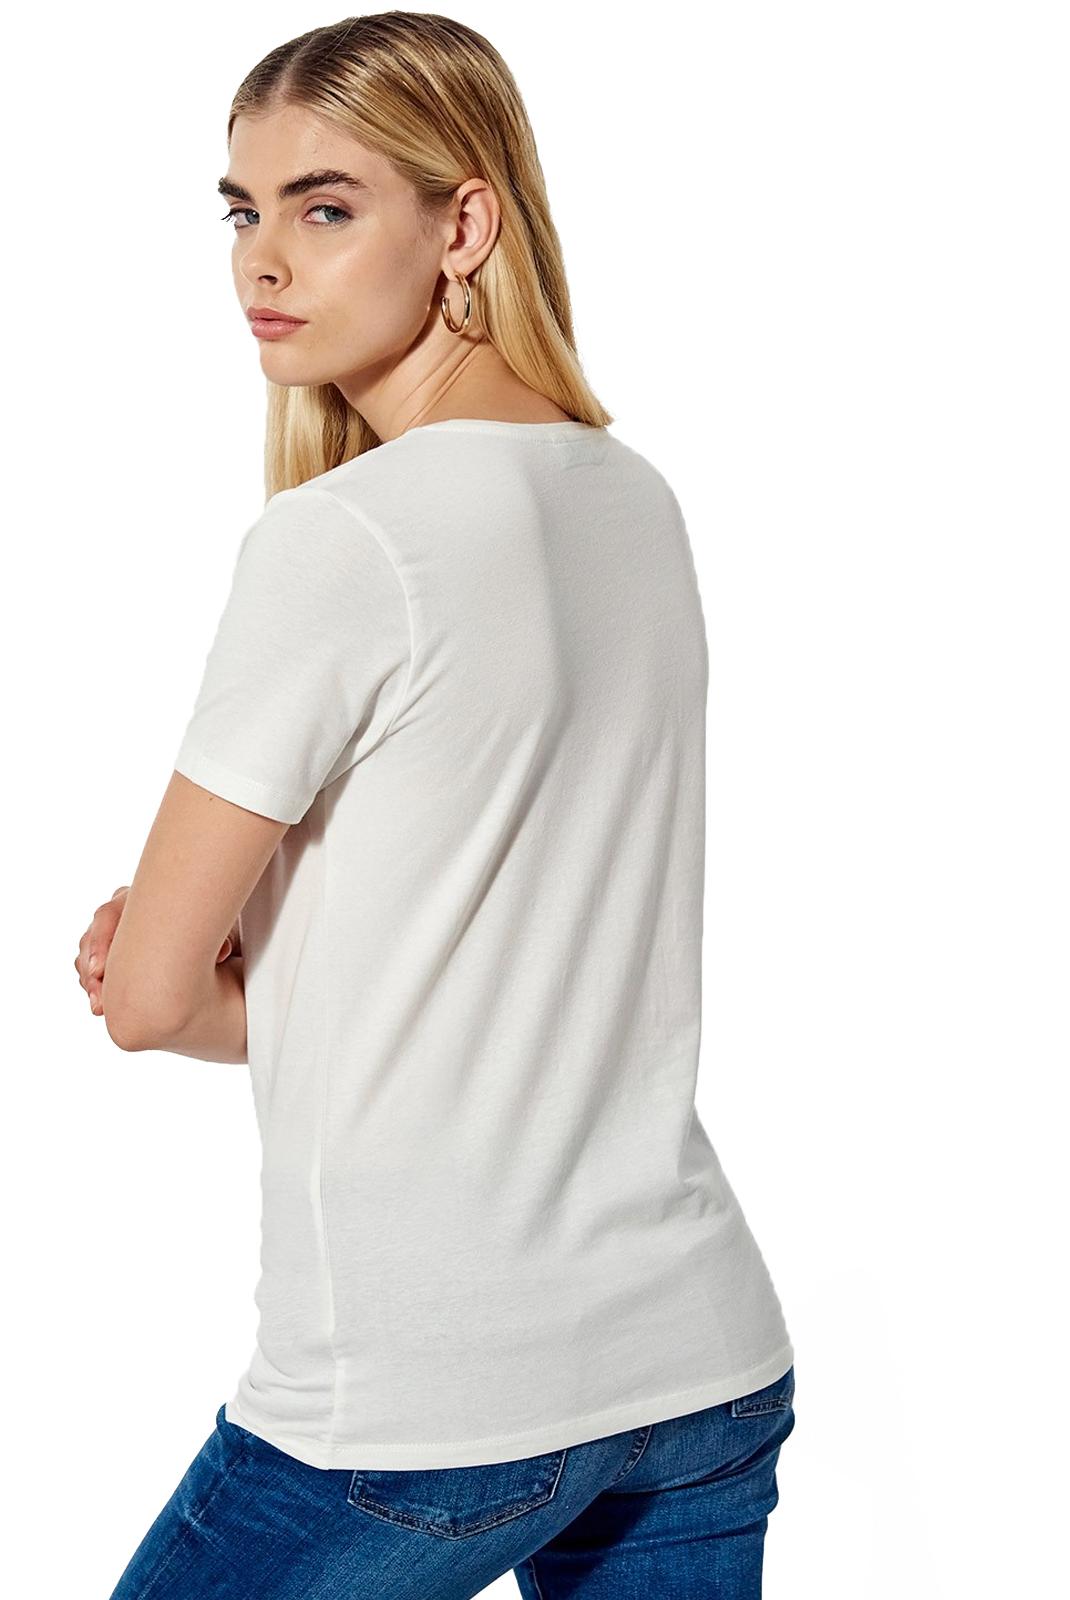 Tee shirt  Kaporal AZIS OFFWHITE